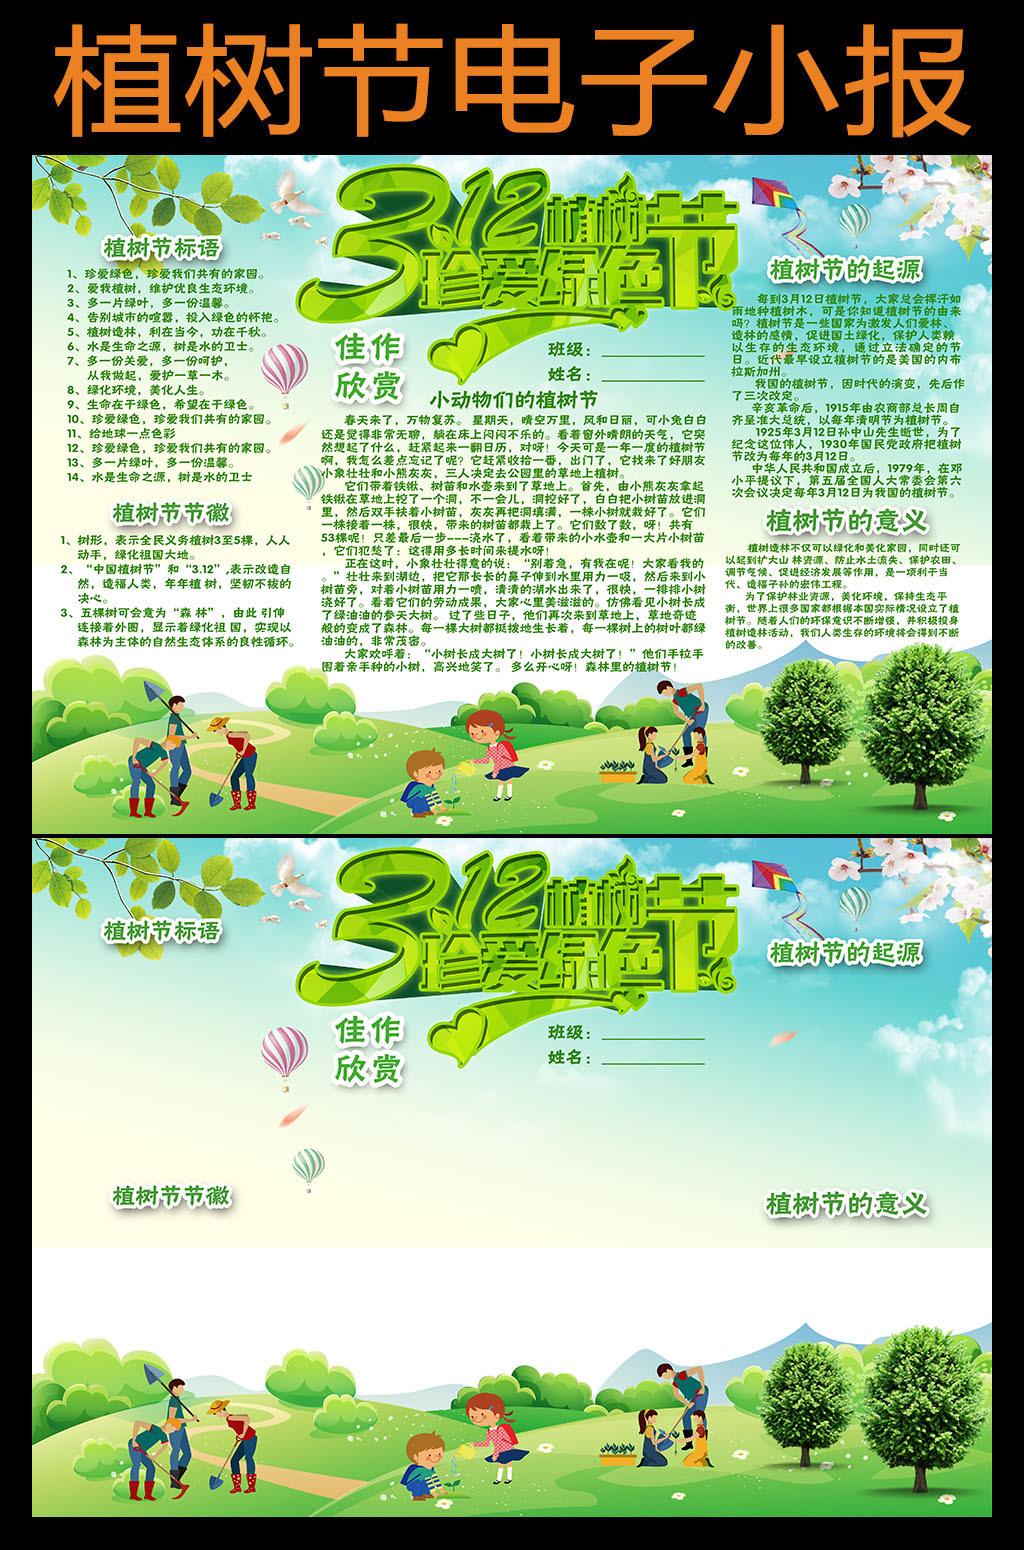 12植树节电子小报手抄报宣传海报模板